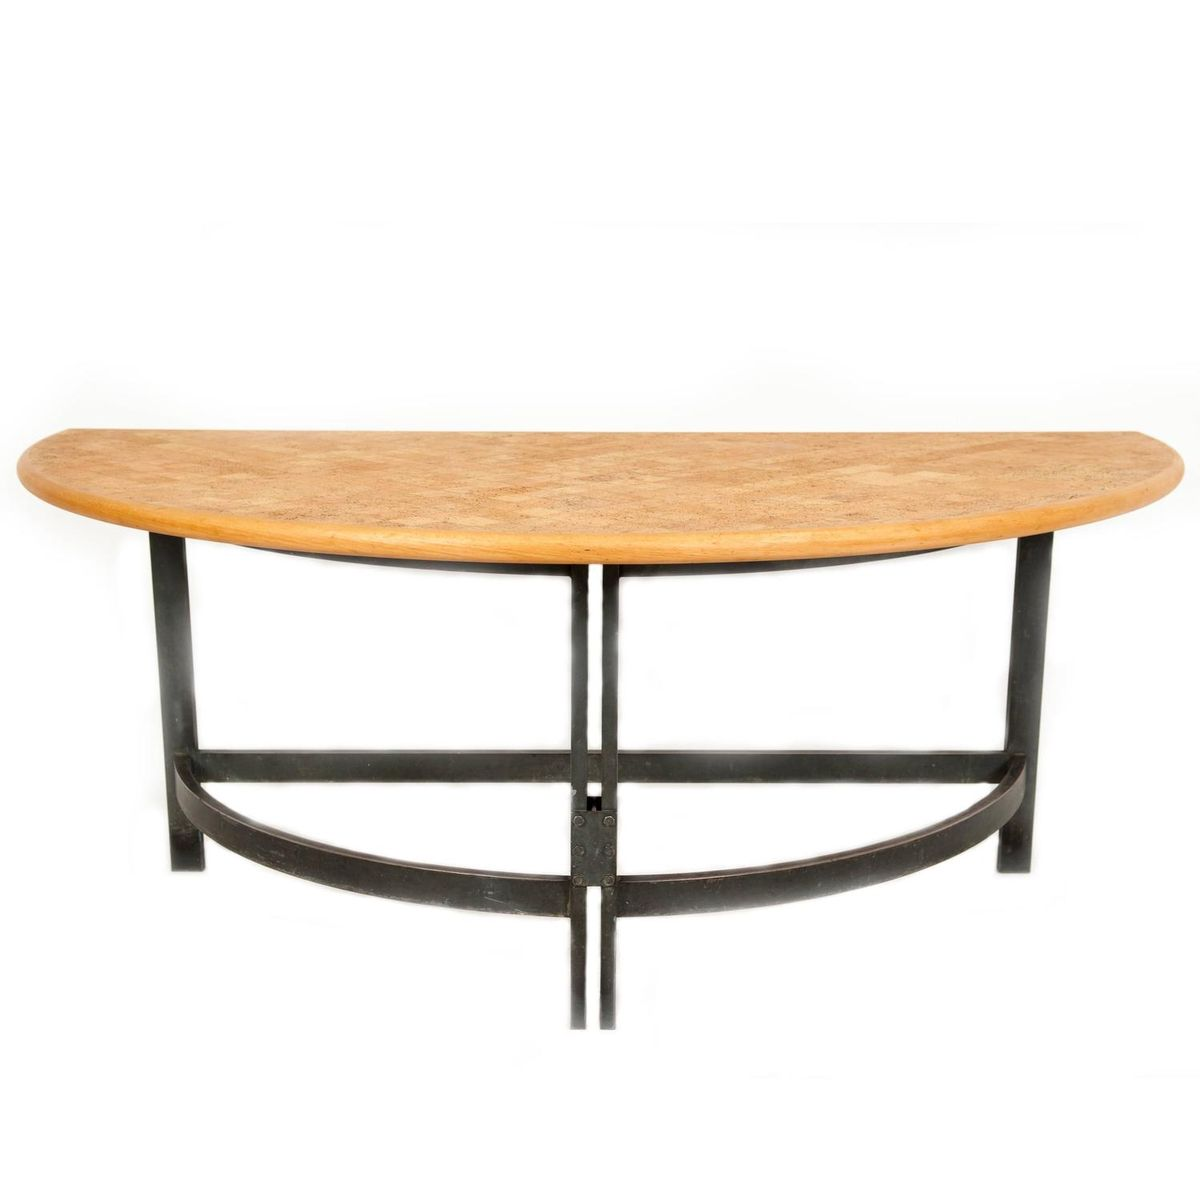 halbrunder tisch aus korken buchenholz stahl von poul. Black Bedroom Furniture Sets. Home Design Ideas